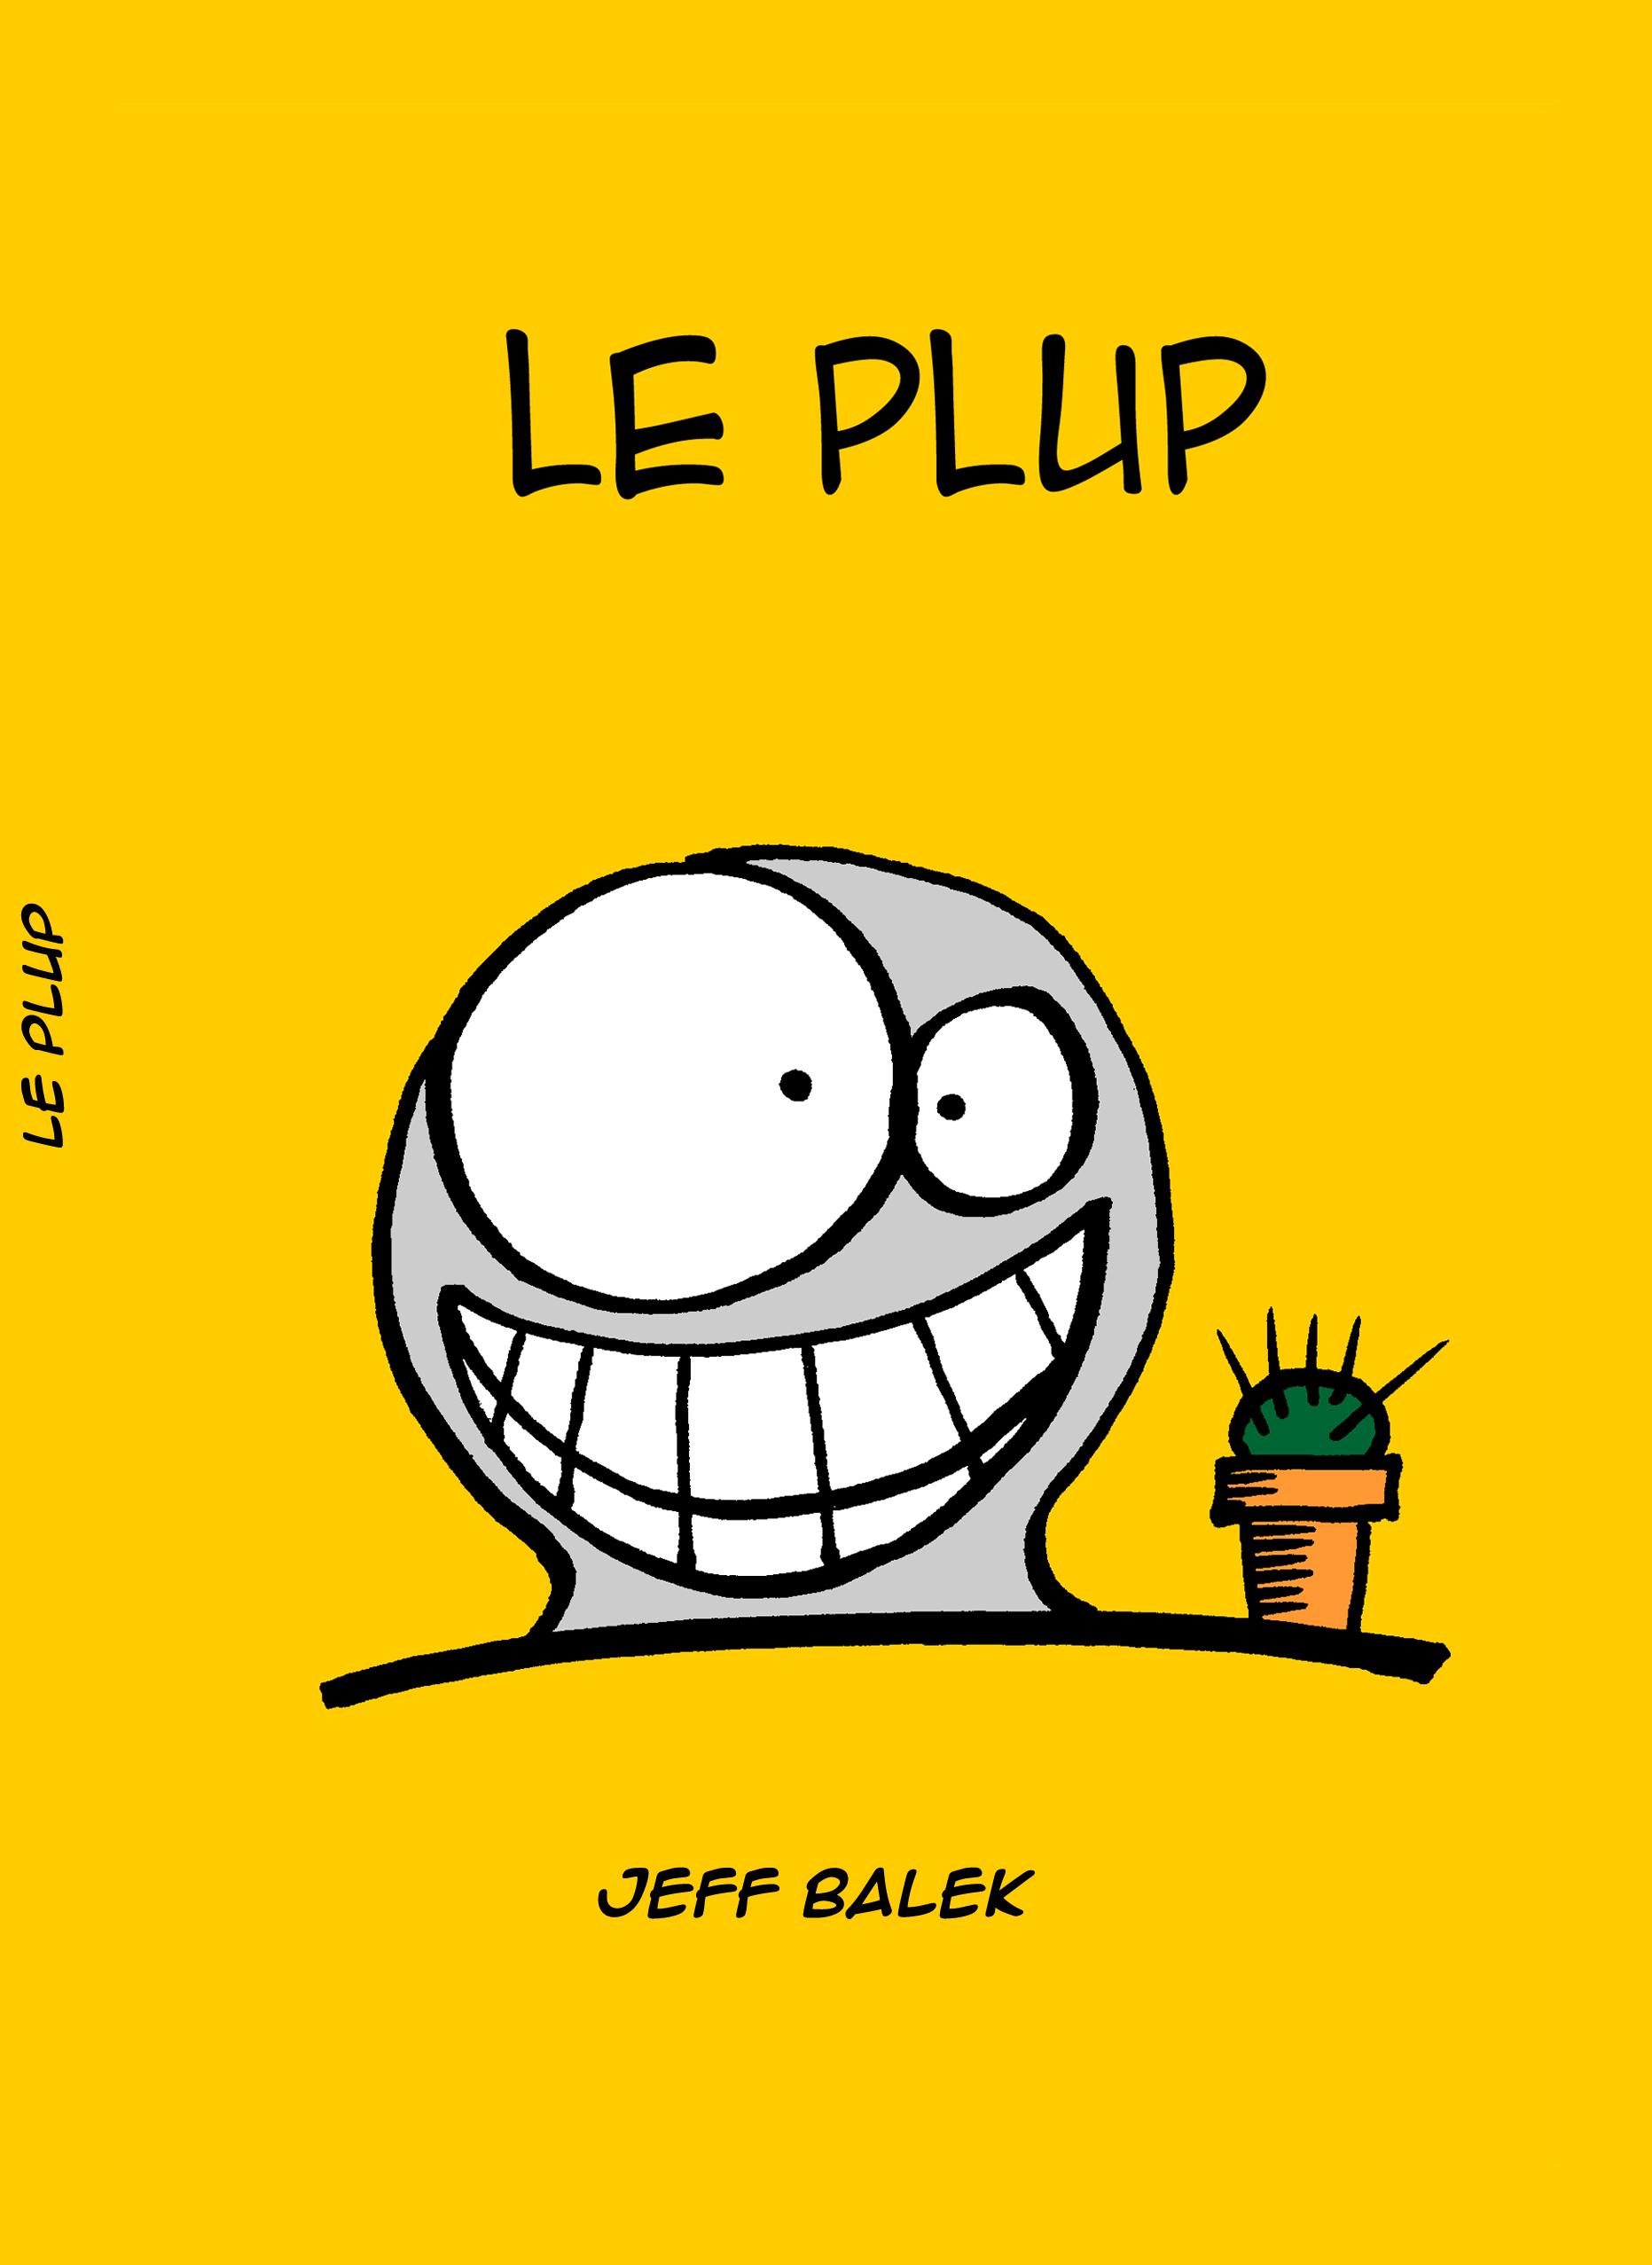 Le Plup - Jeff Balek